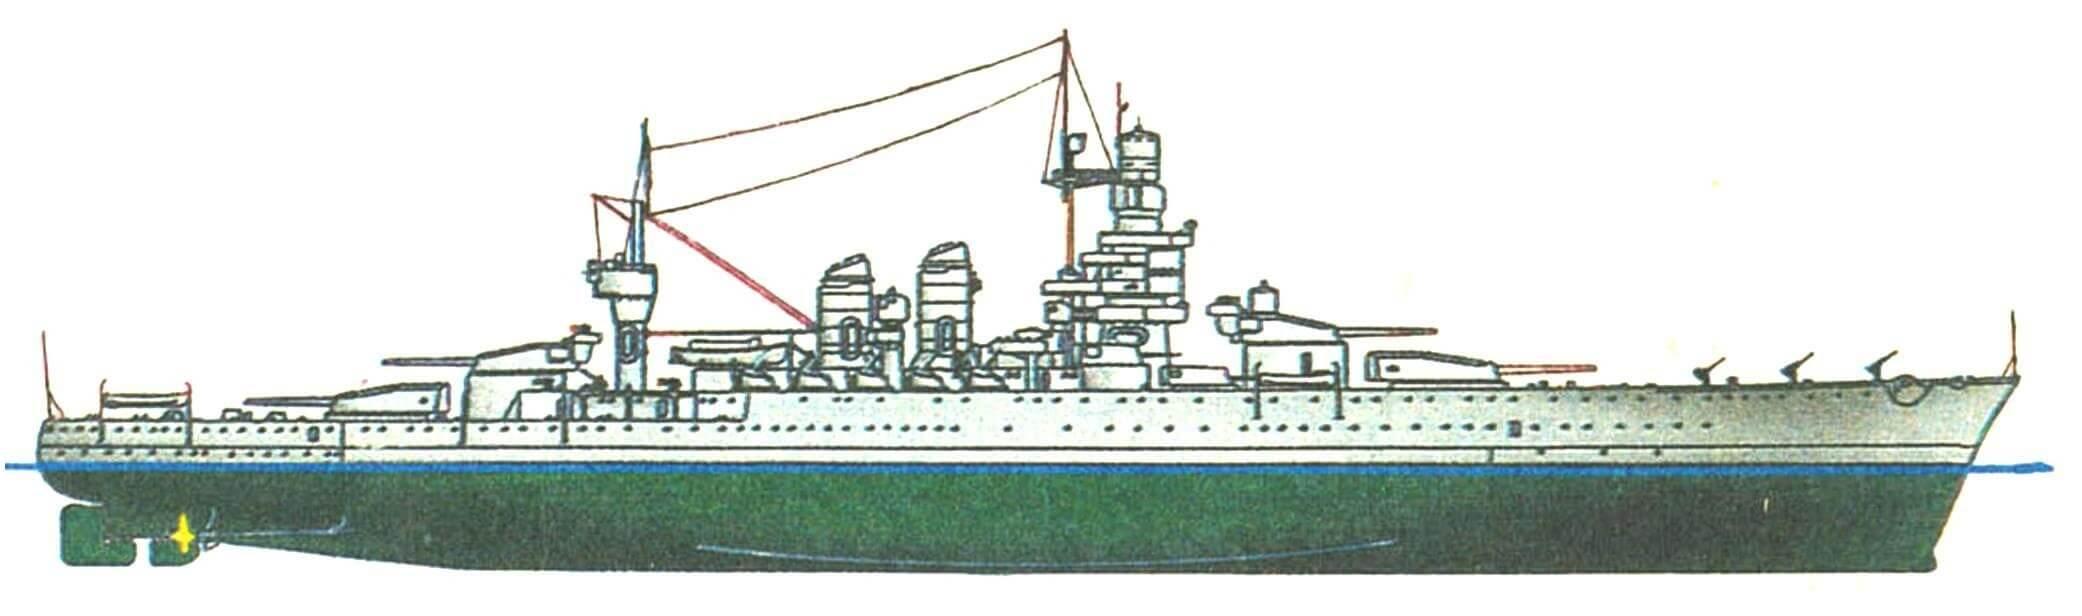 228. Линейный корабль «АНДРЕА ДОРИА», Италия, 1914/1940 г.